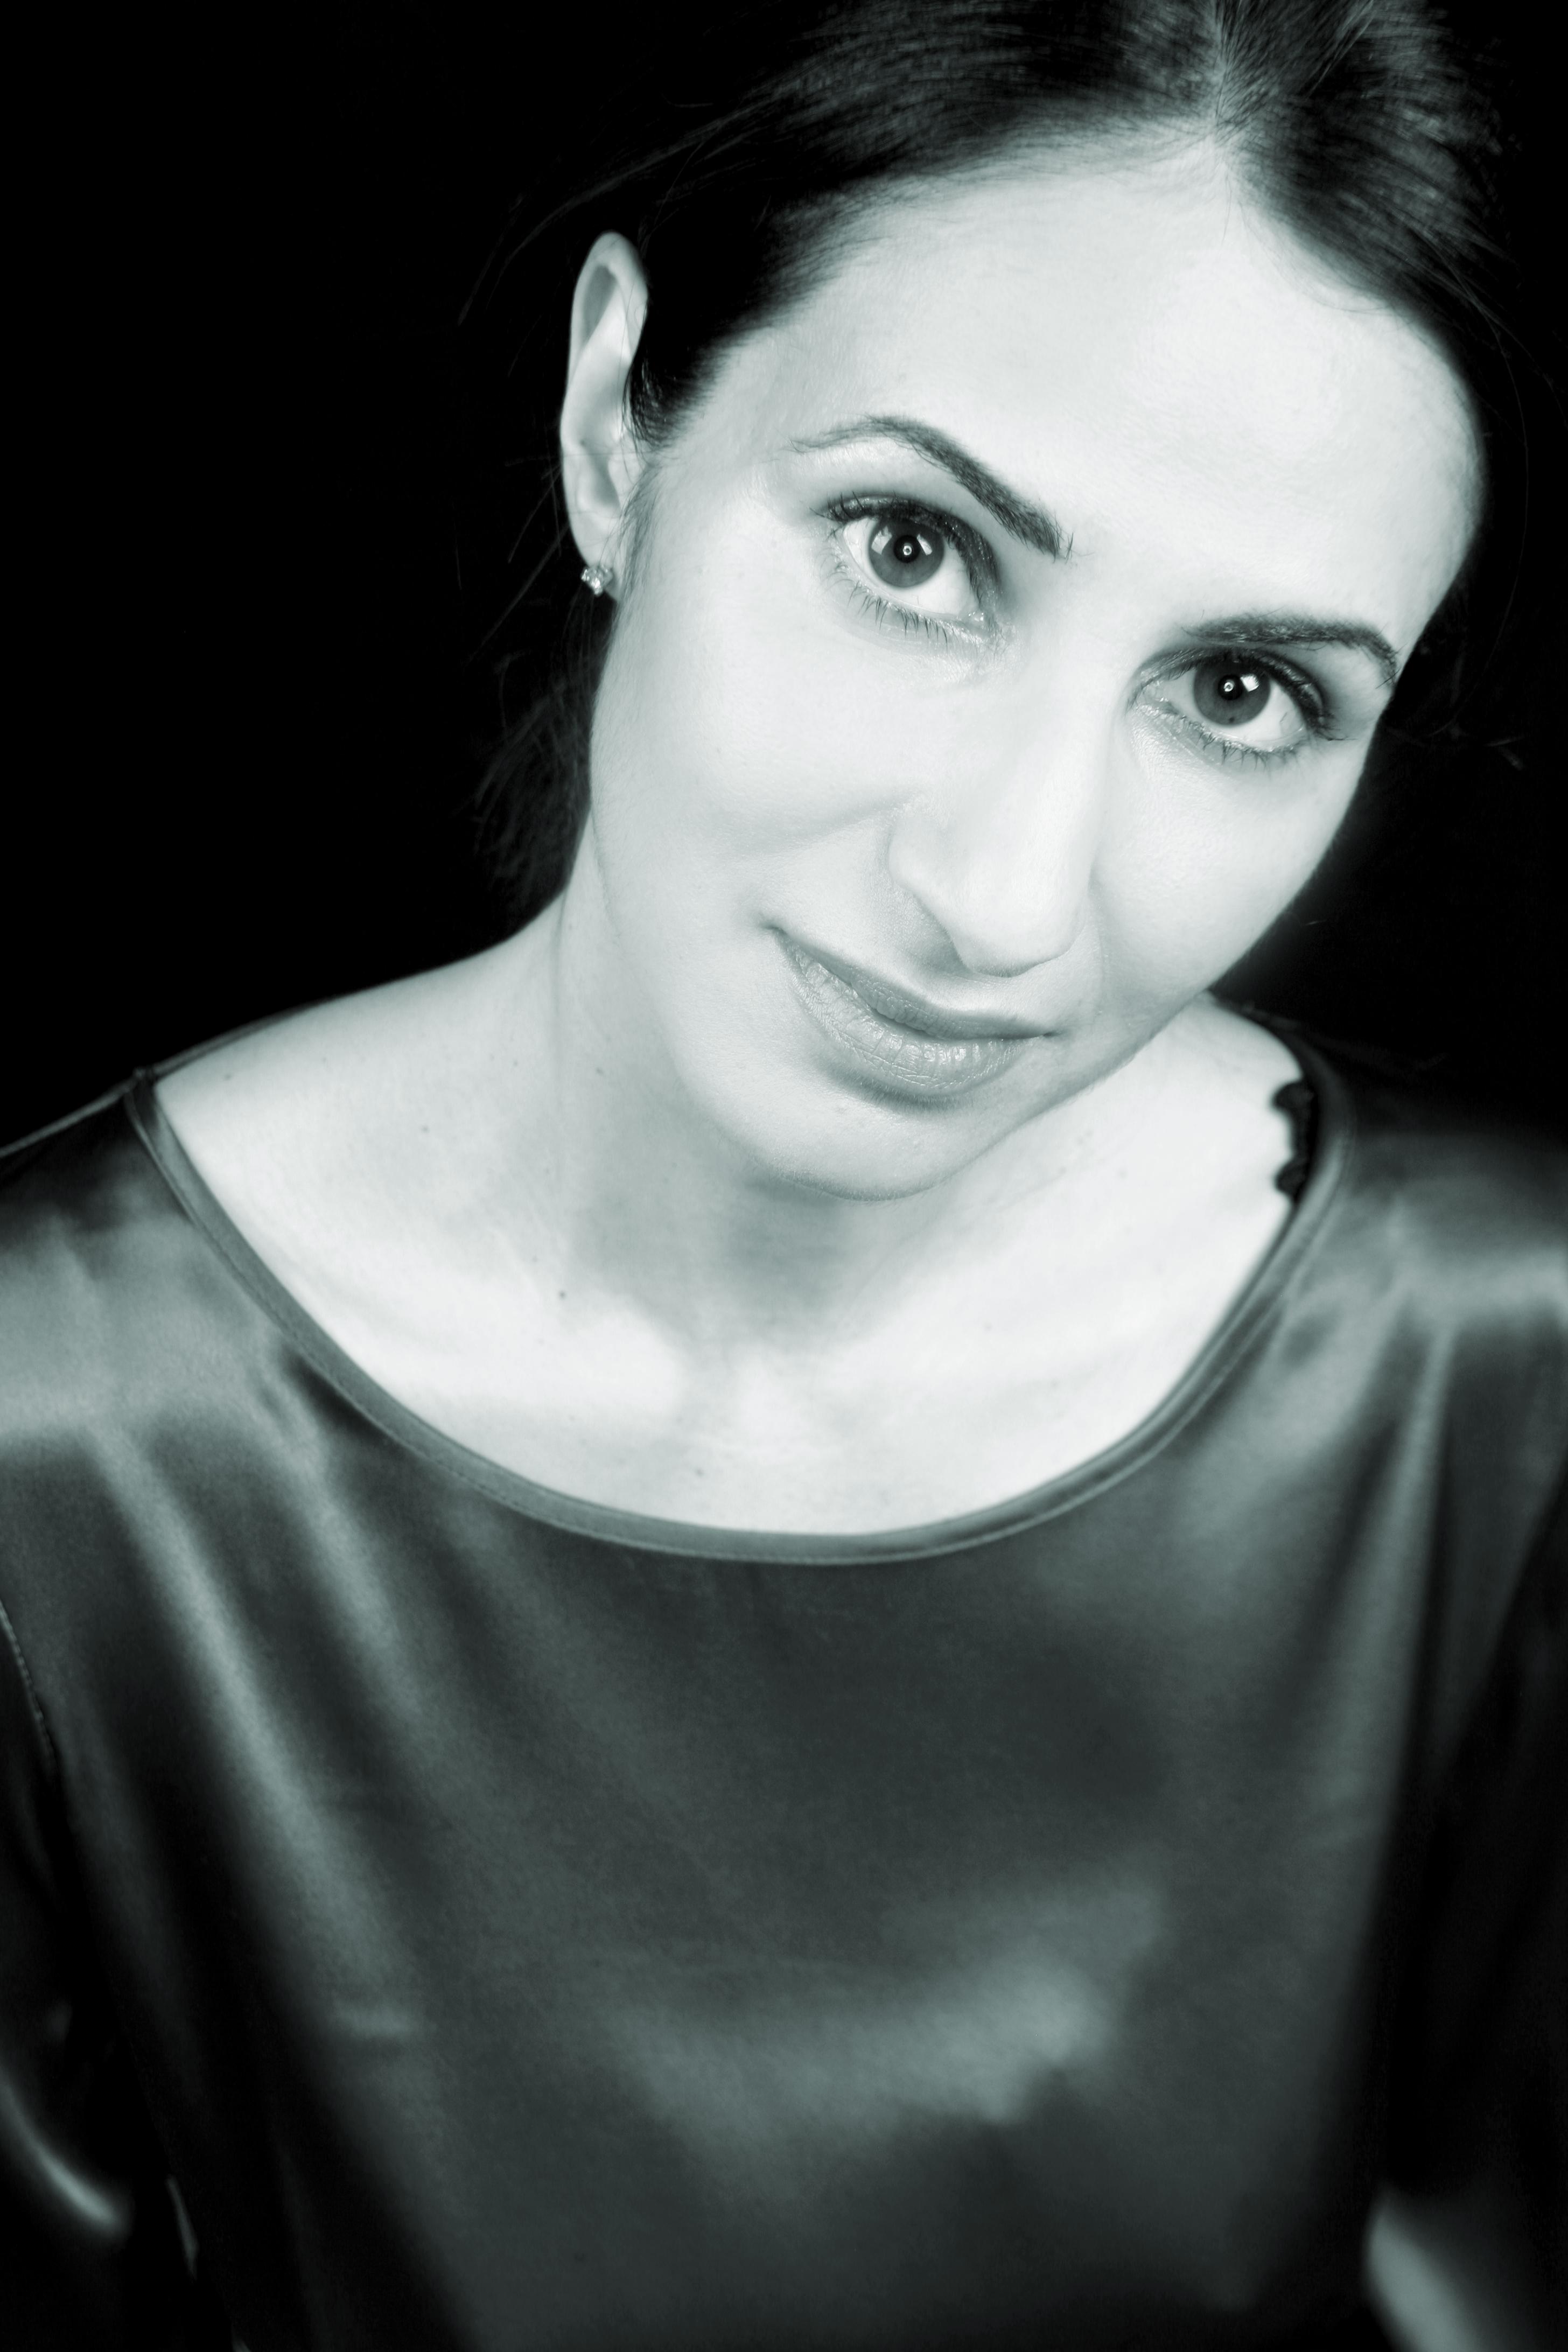 Mona Arshi